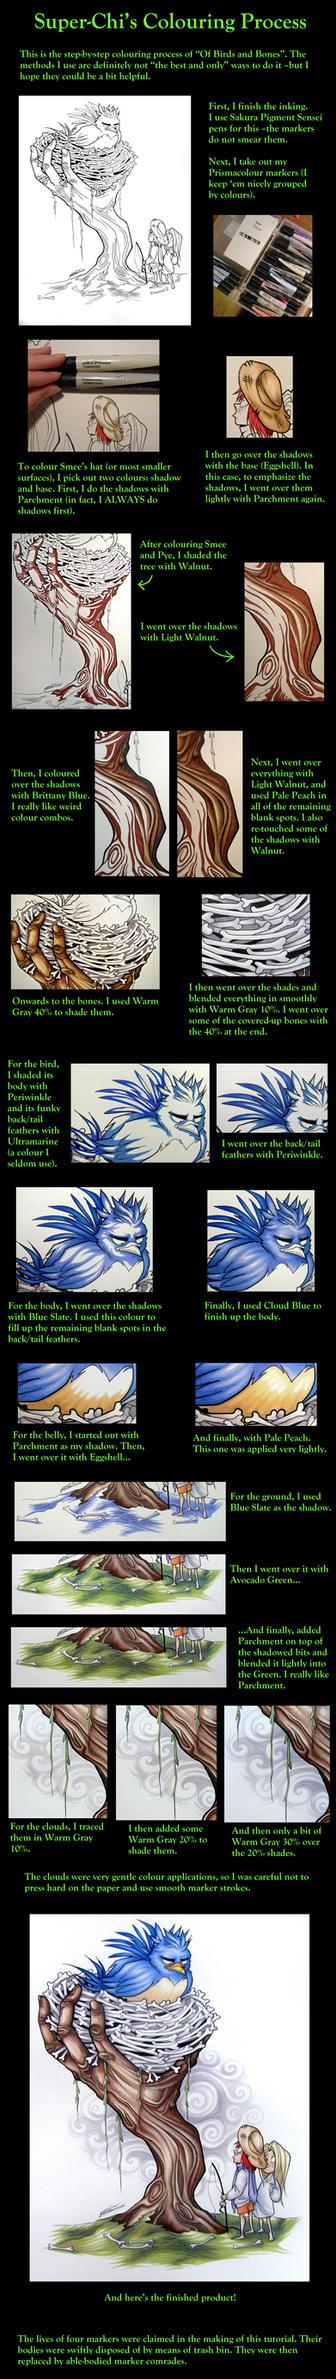 Super-Chi's colouring process by Super-Chi